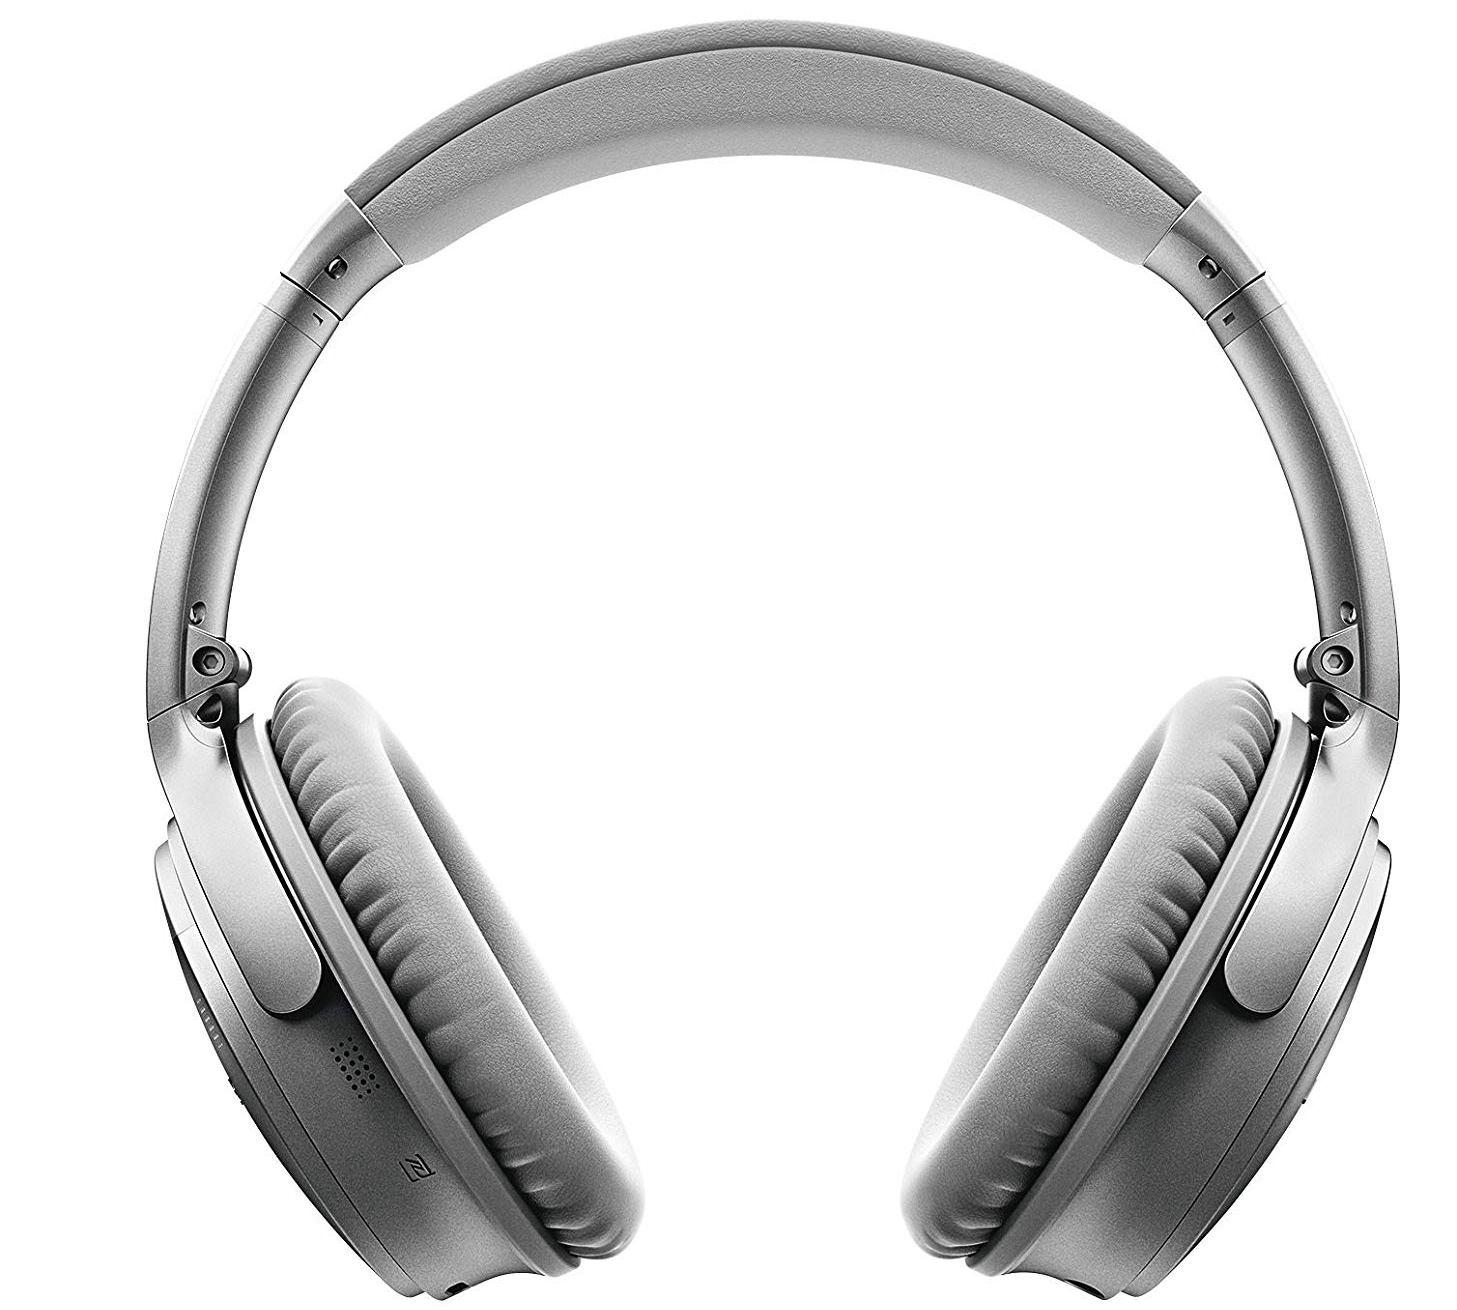 Bose Quiet Comfort 35 II best Wireless Headphone